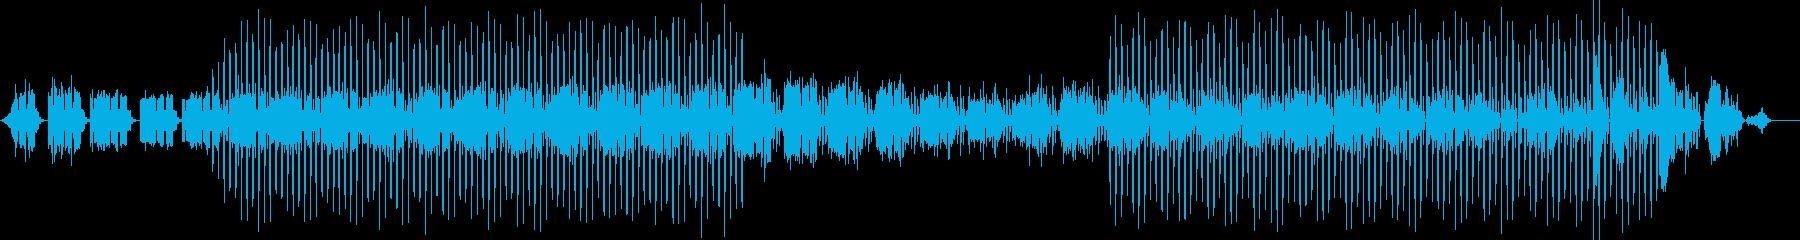 劇伴 けだるいミニマルアシッドテクノ の再生済みの波形